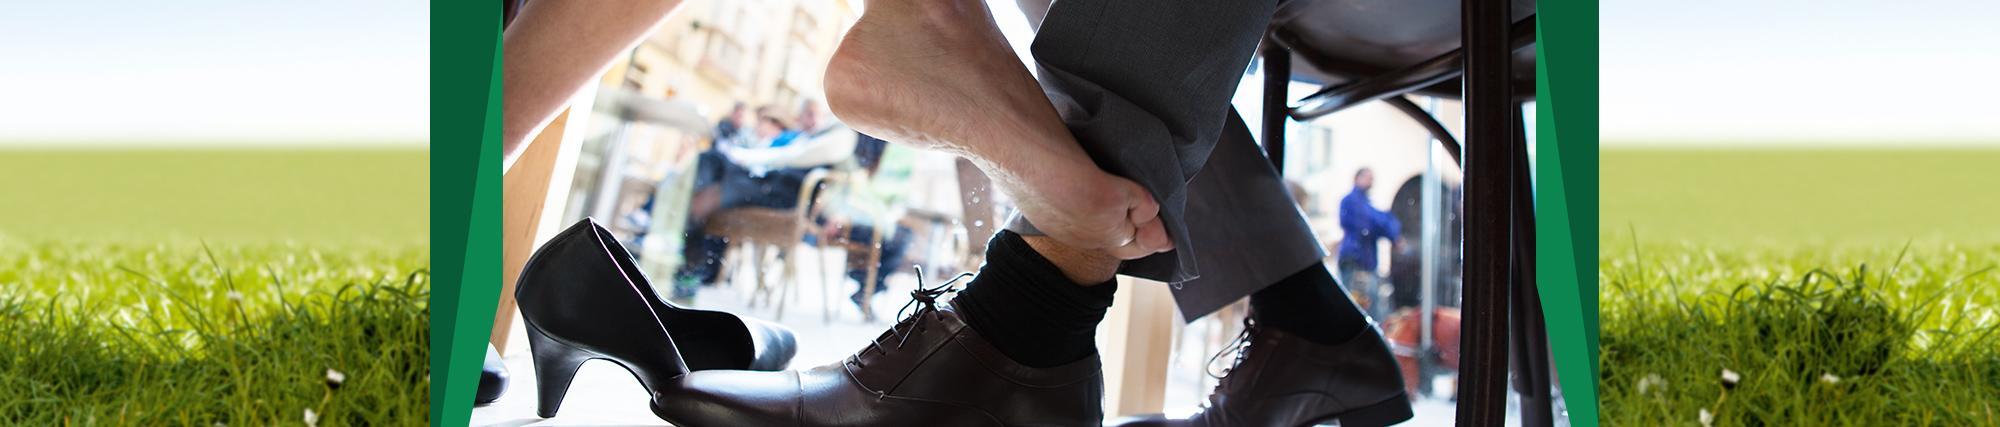 Comprendre les mycoses des pieds pour bien les traiter